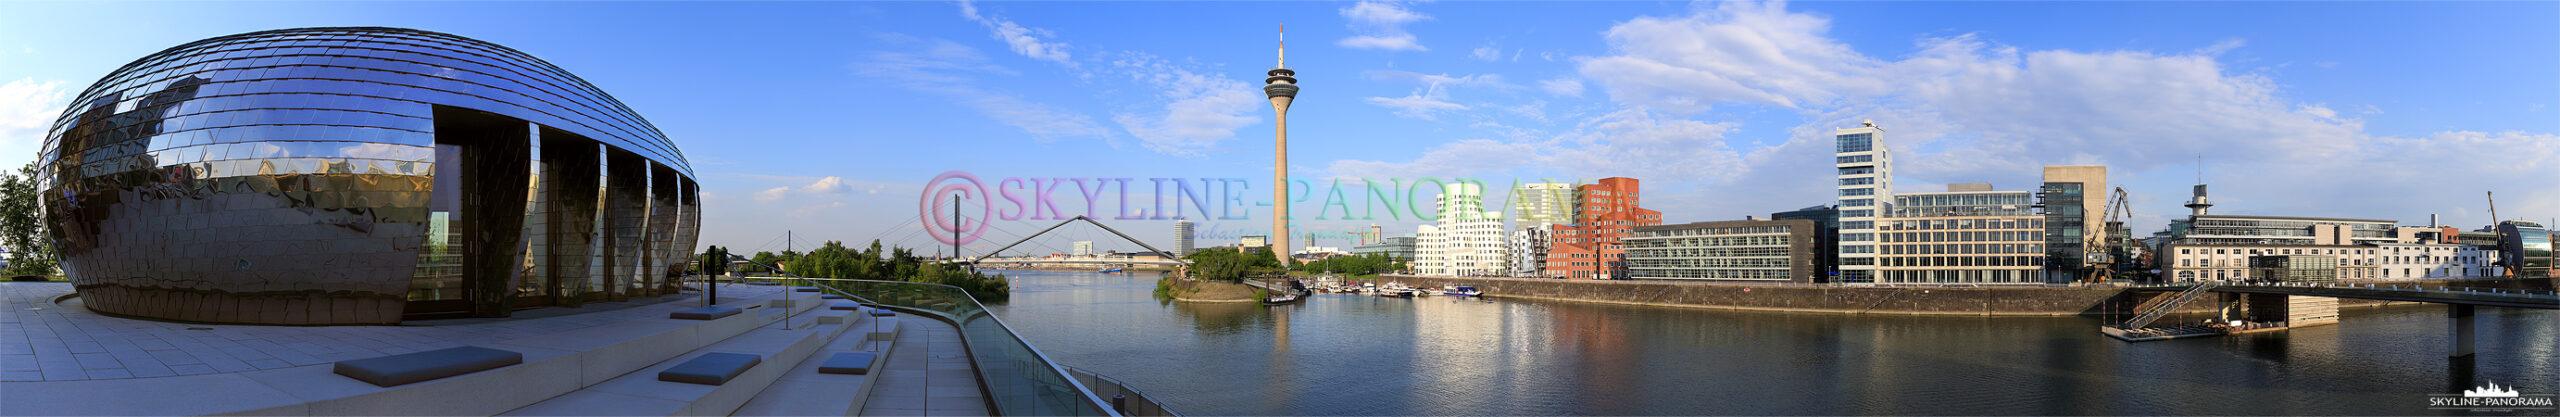 Bilder aus Düsseldorf – Panorama mit dem Blick vom Hotel Hyatt aus in Richtung Rheinturm und Gehry-Bauten im Düsseldorfer Mediahafen.